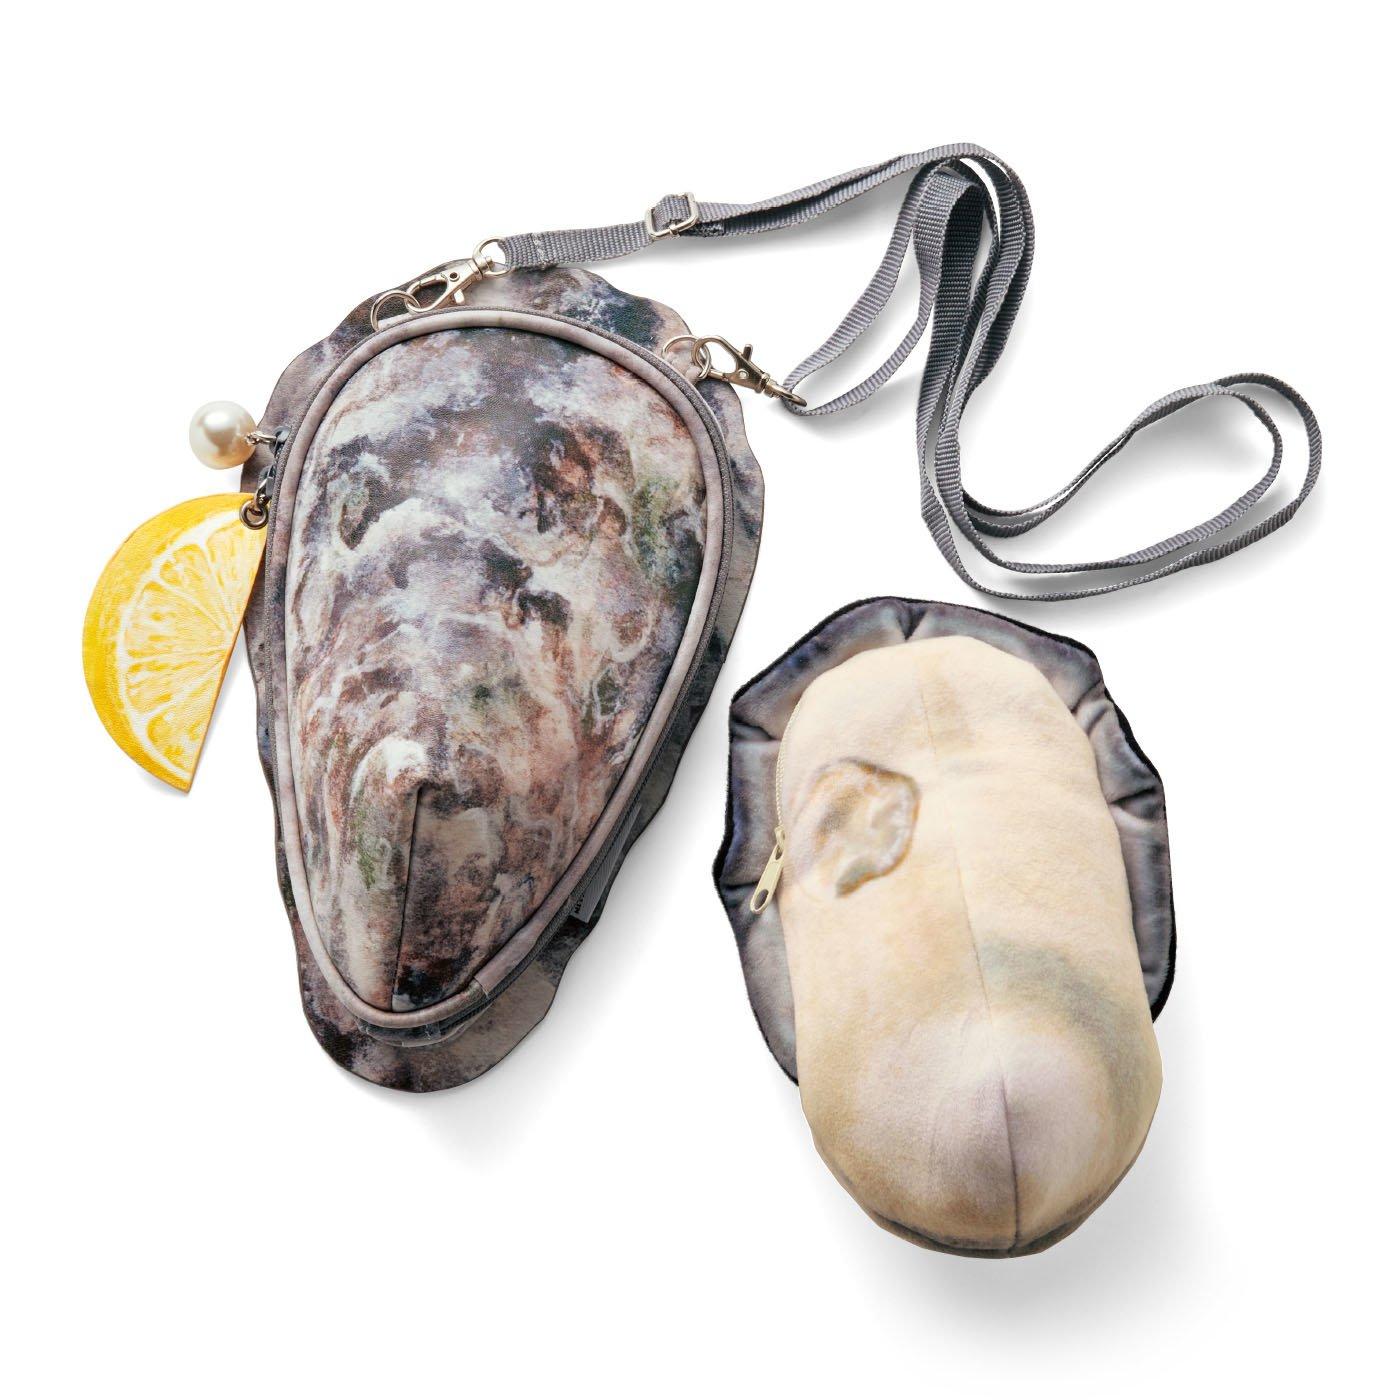 【広島県】JR西日本×YOU+MORE! 牡蠣のポーチ付き ショルダーバッグ